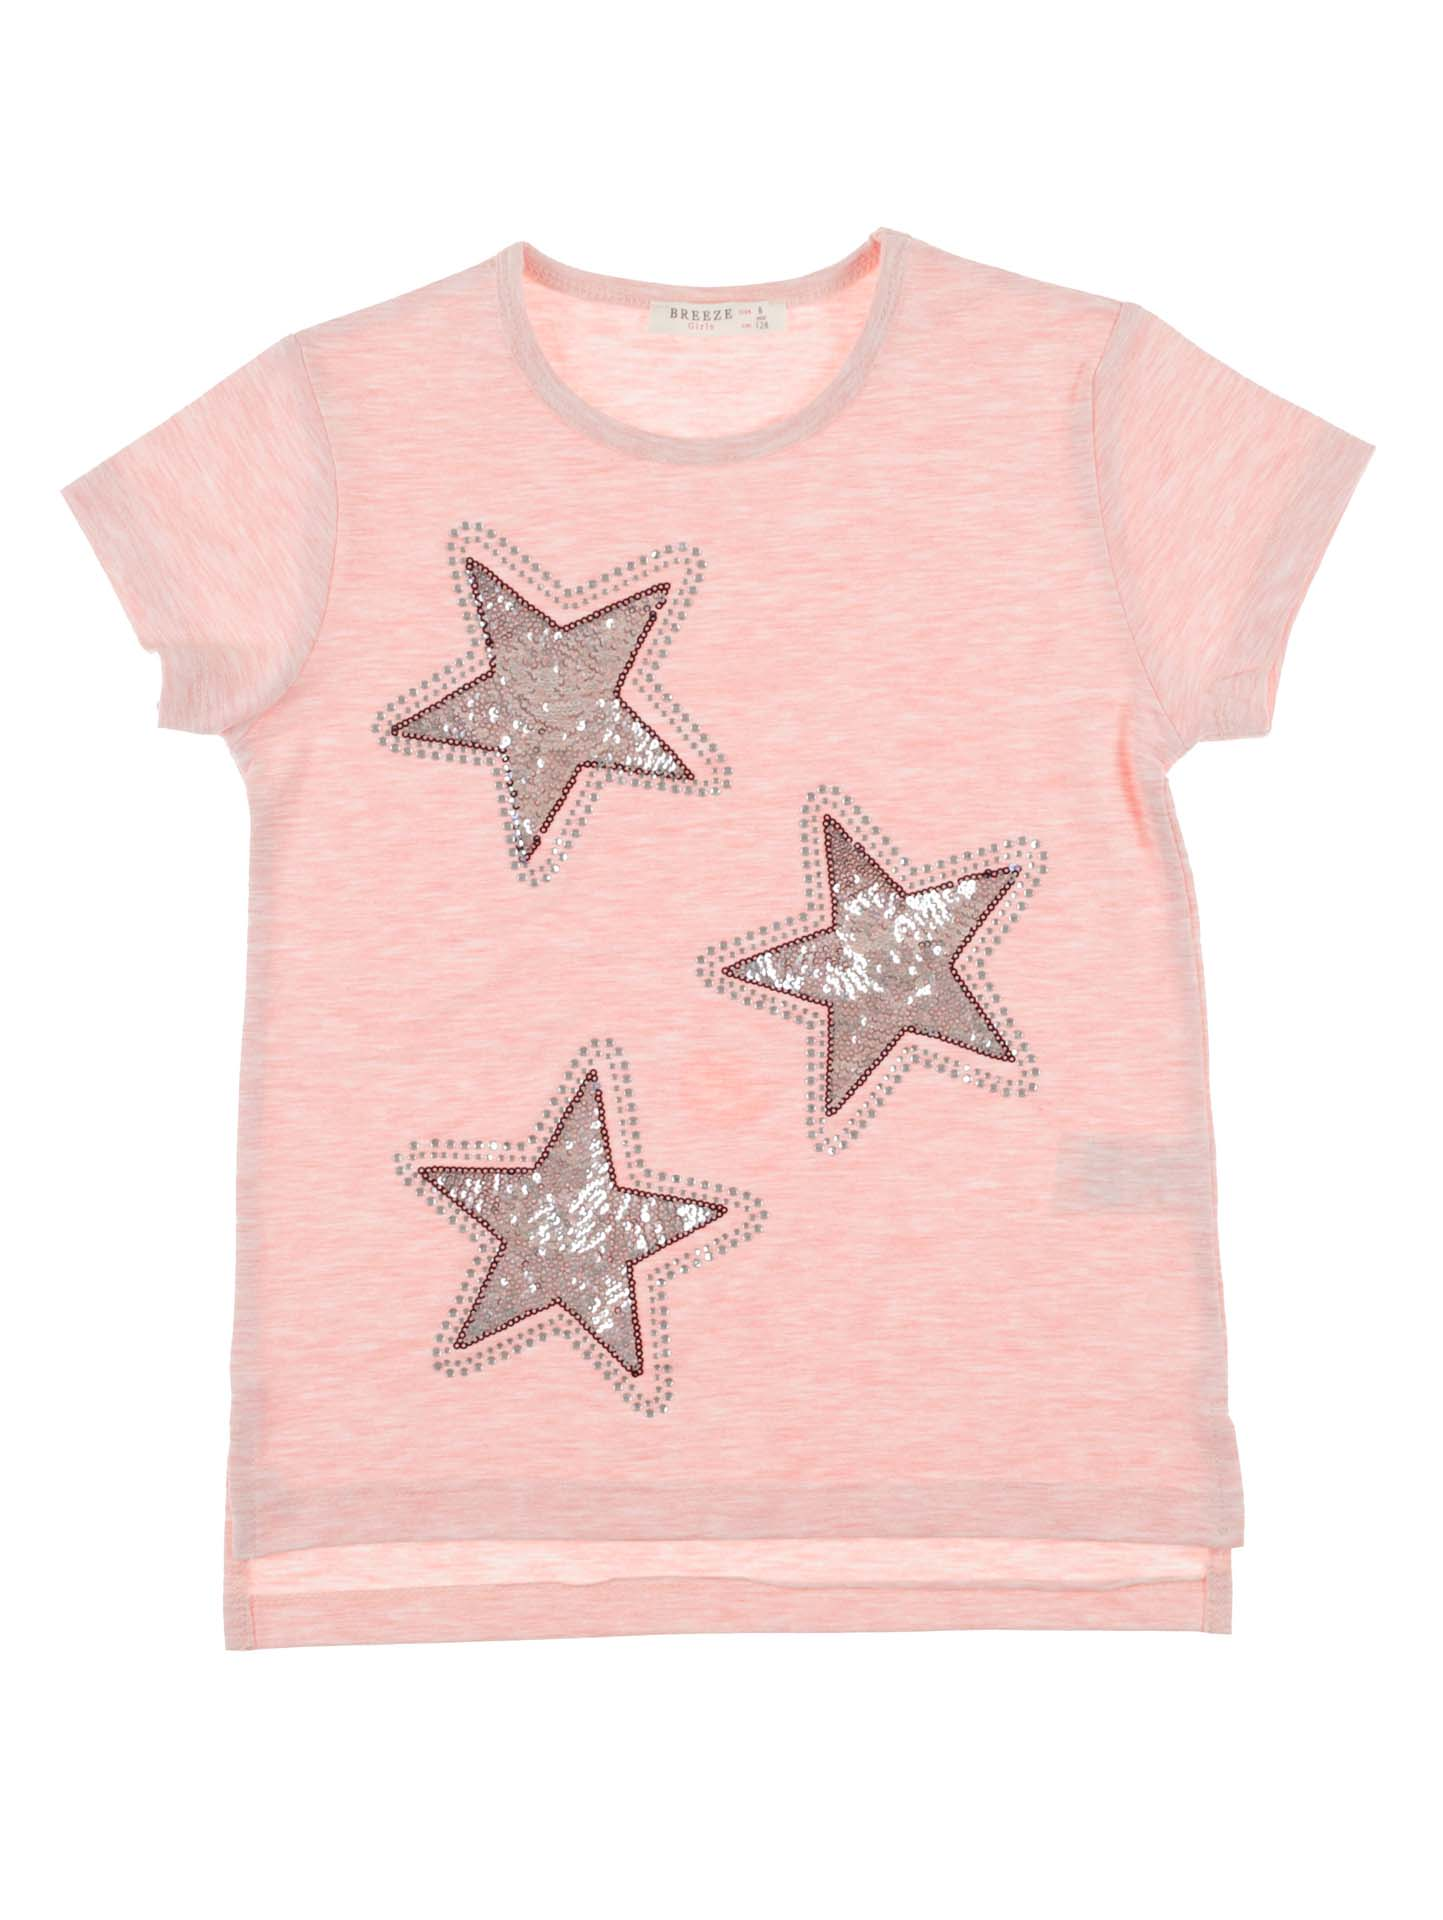 717dfff615ab Детская одежда Breeze (E H), Турция   Top Shelf   Купить детскую ...